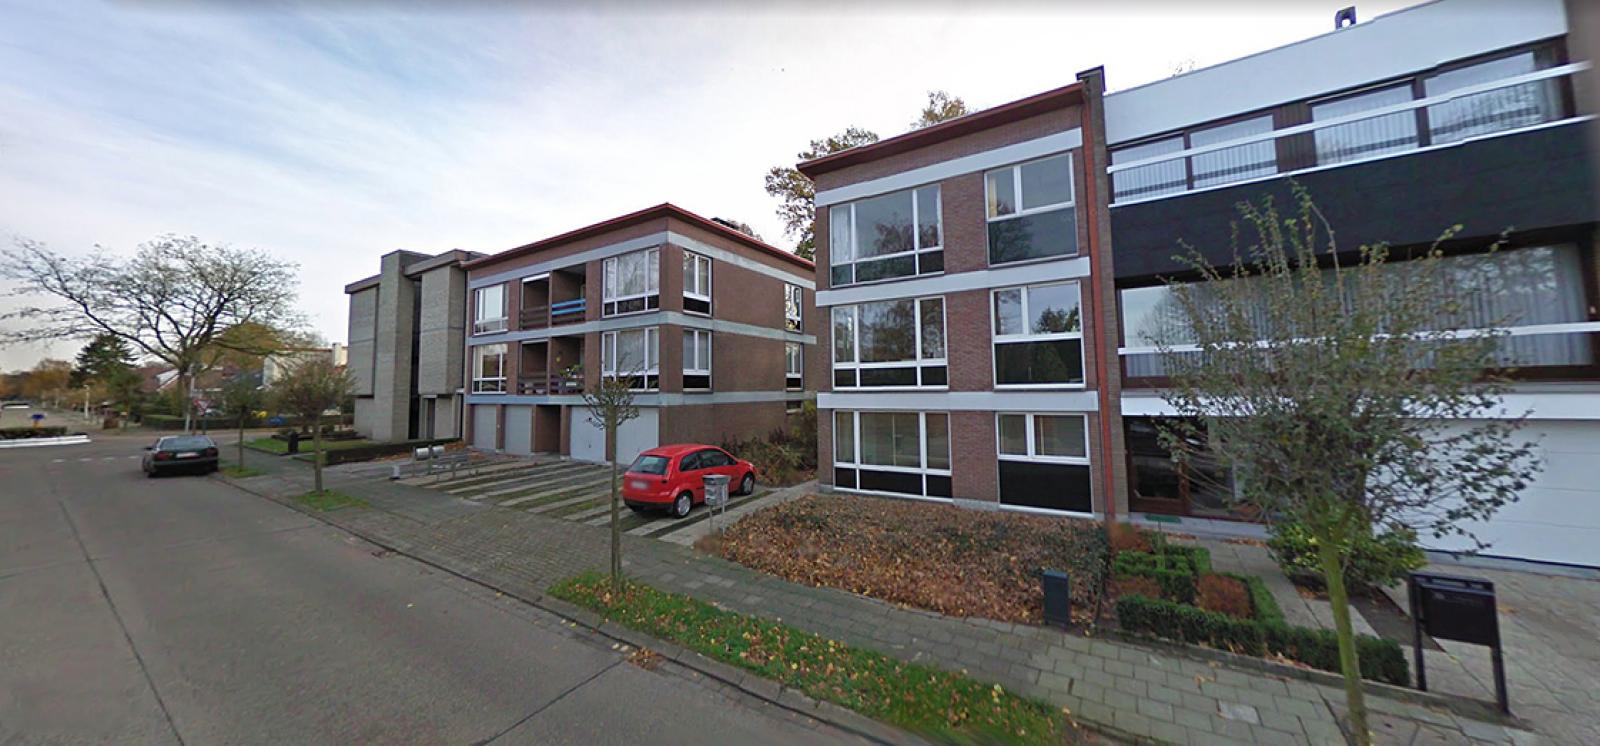 Ruim te renoveren appartement met staanplaats op zeer gunstige locatie te Kapellen afbeelding 1